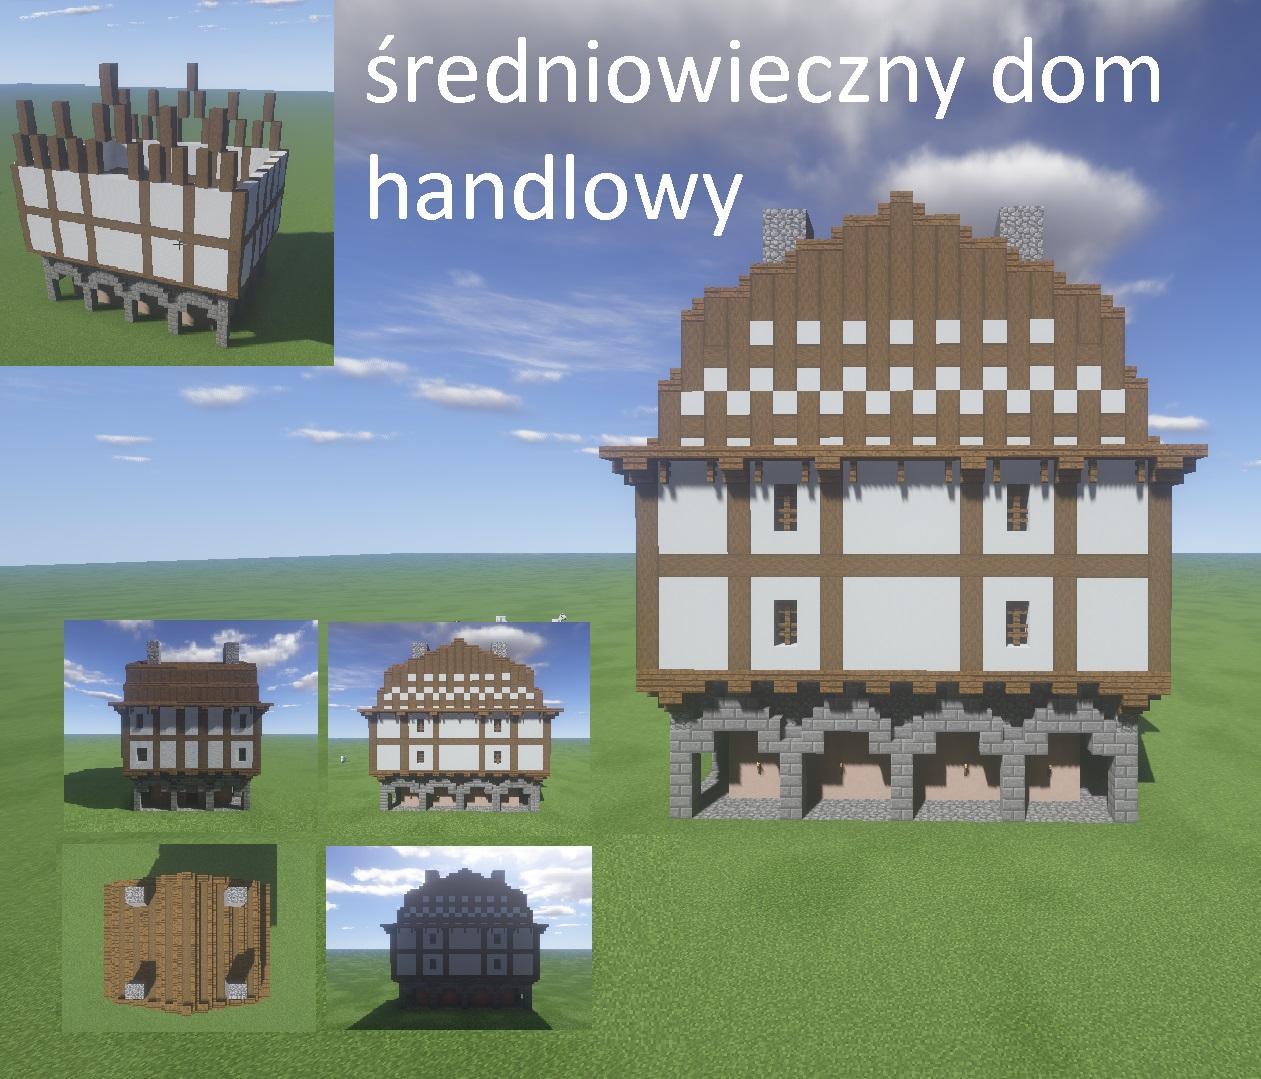 Średniowieczny dom handlowy